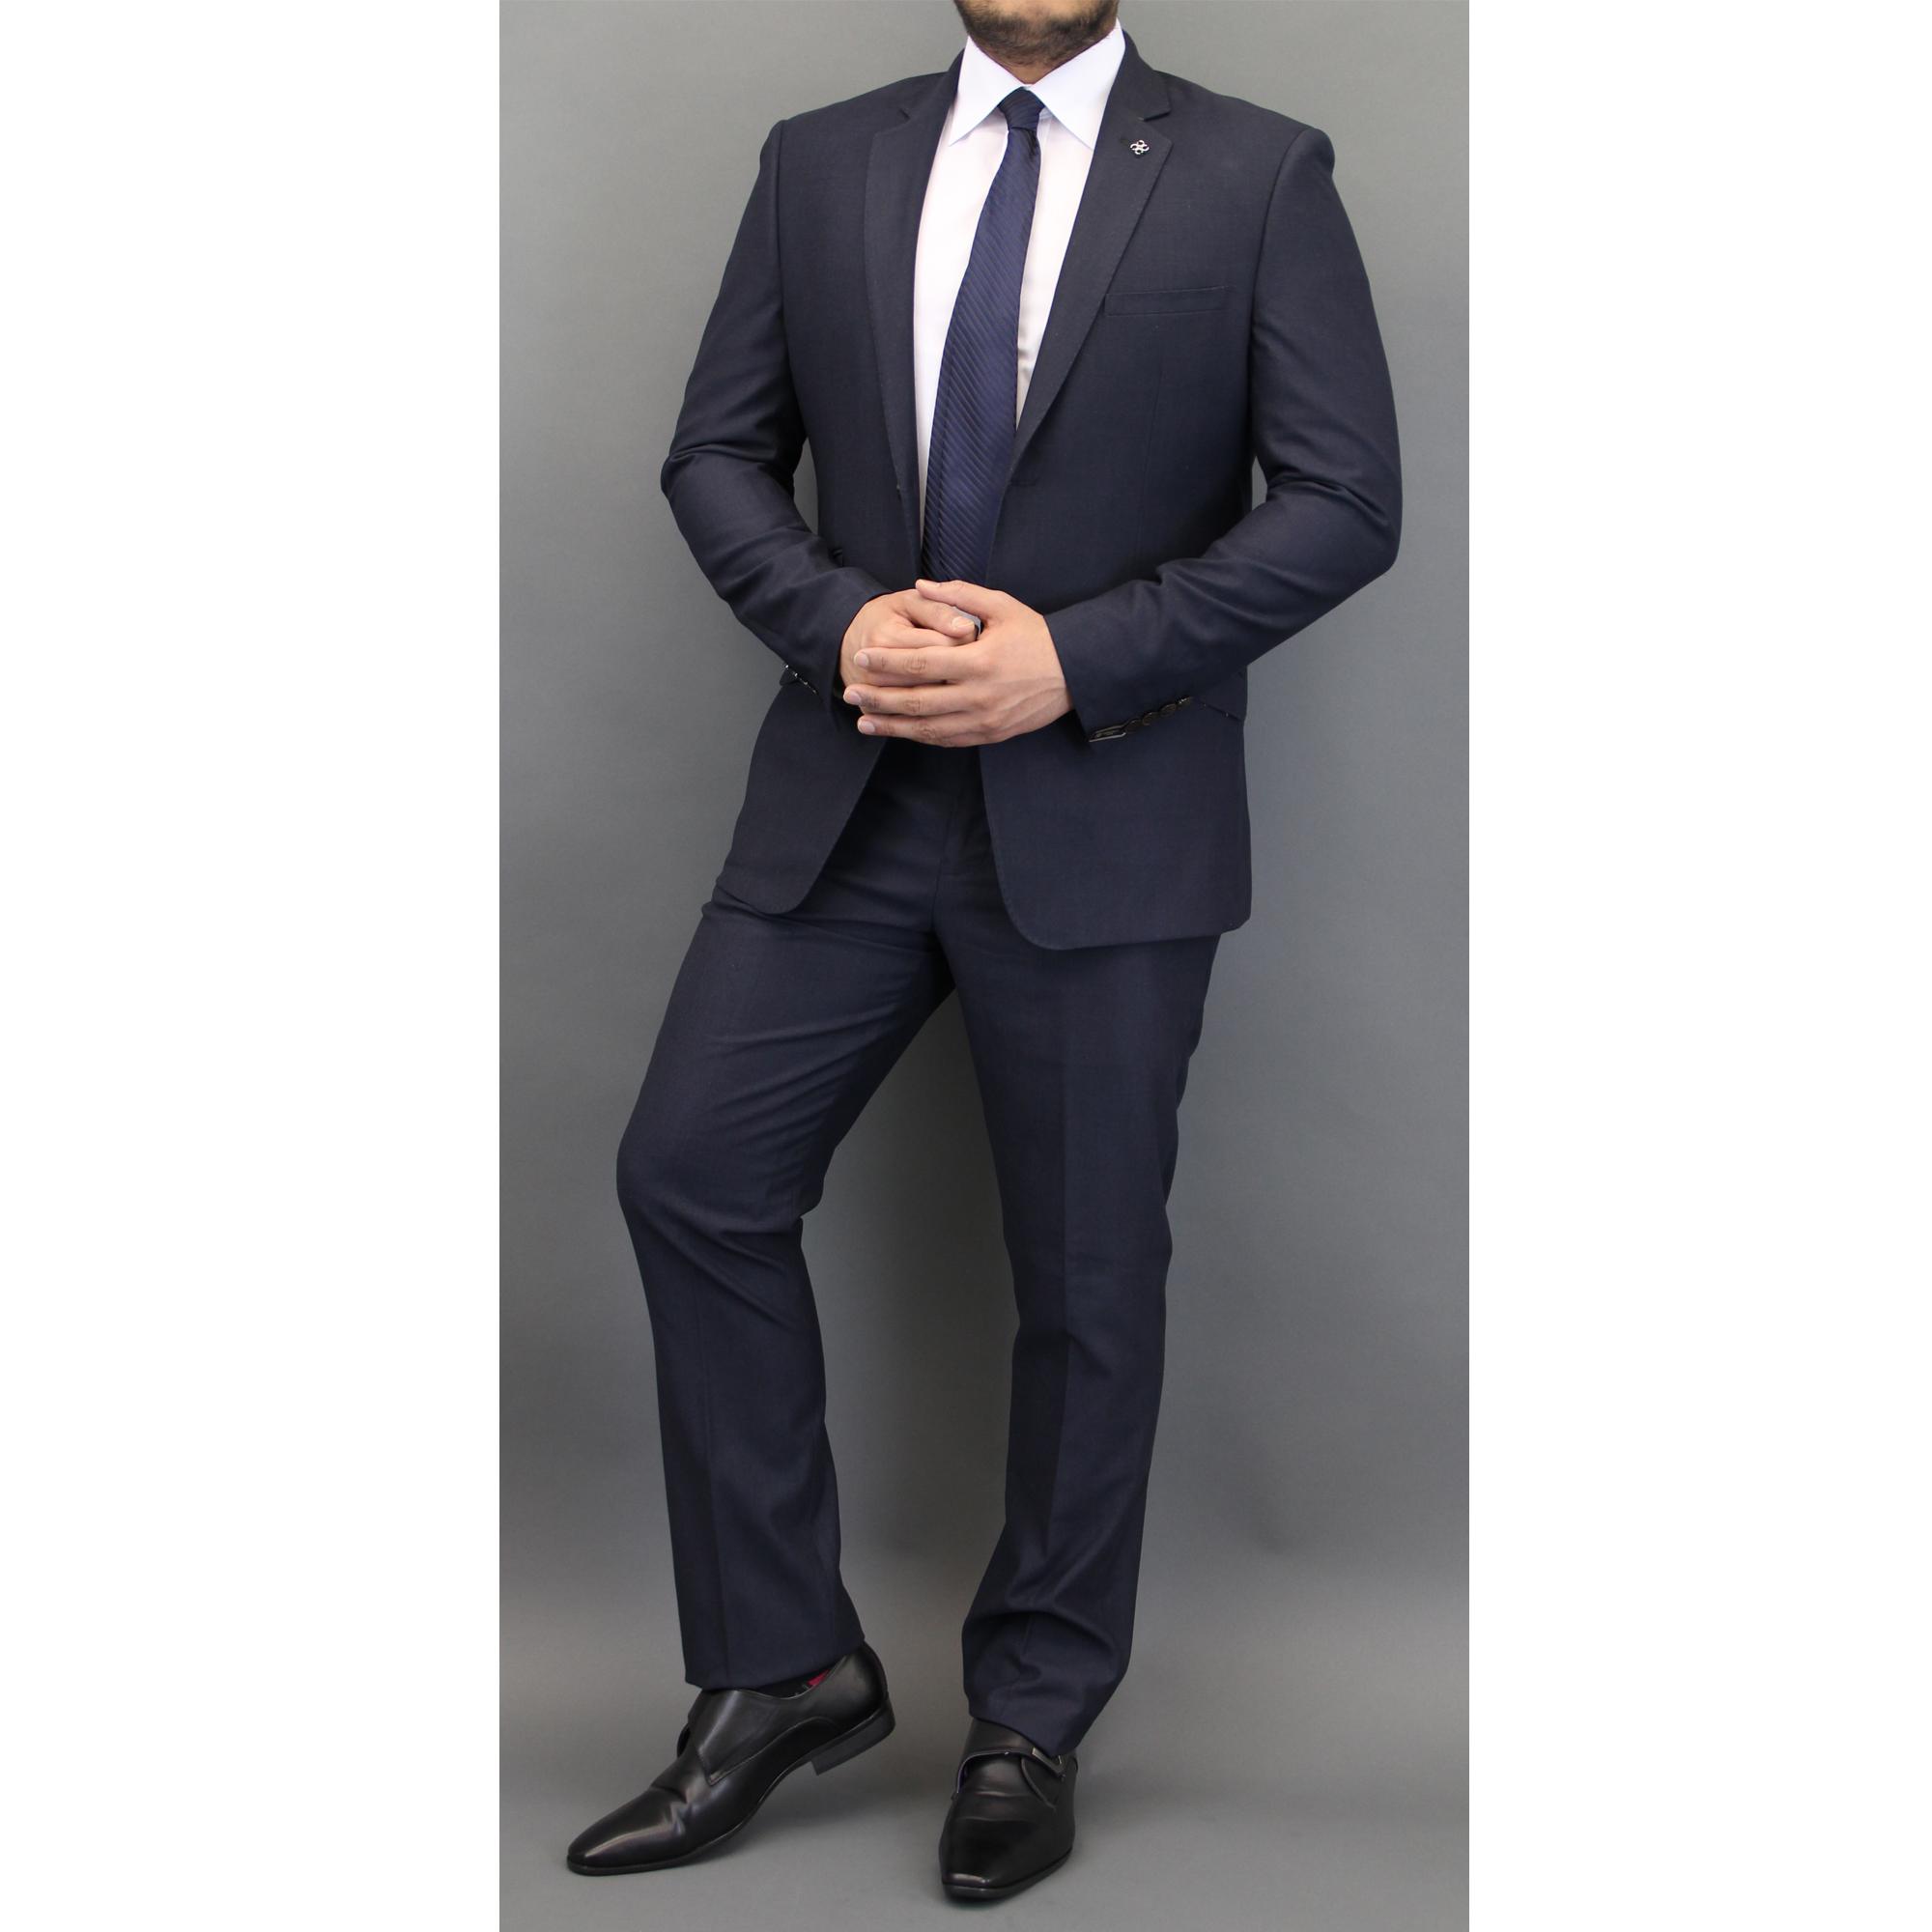 Pezzi Gilet Abiti Cavani Blazers Pantaloni Uomo 3 Mareno amp; Da qfwS4wg